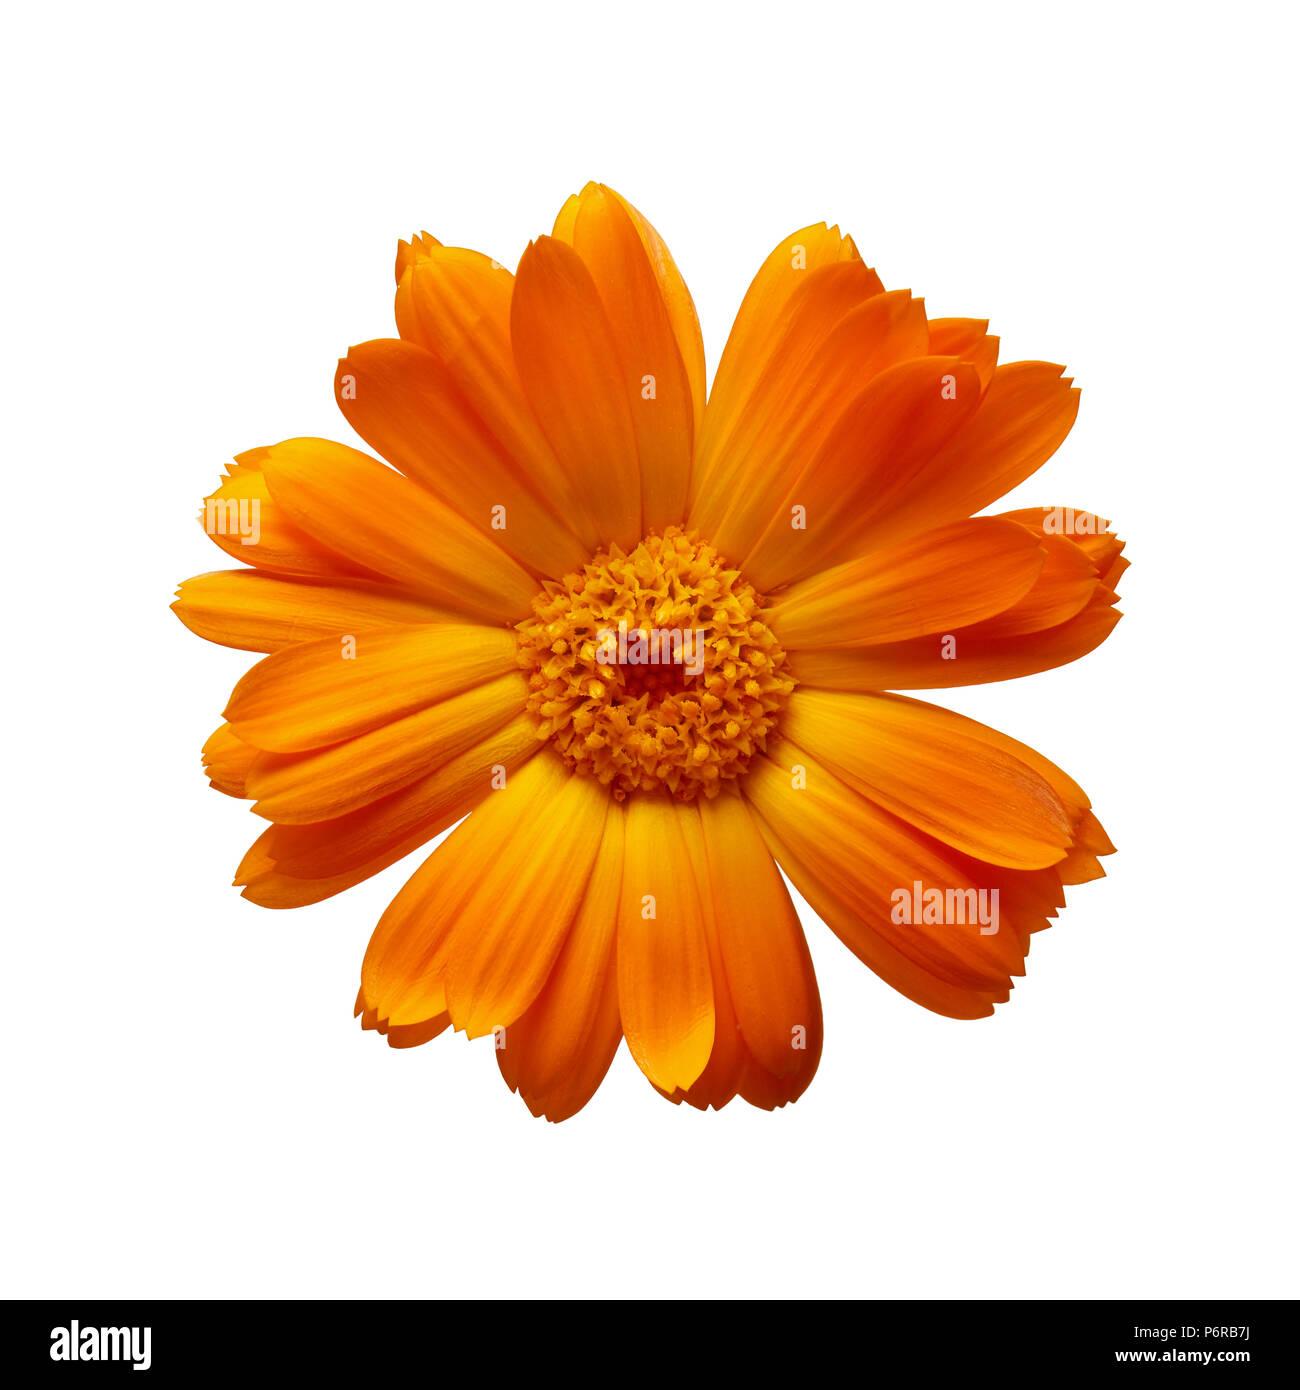 Pot Marigold (Calendula officinalis) on white background - Stock Image